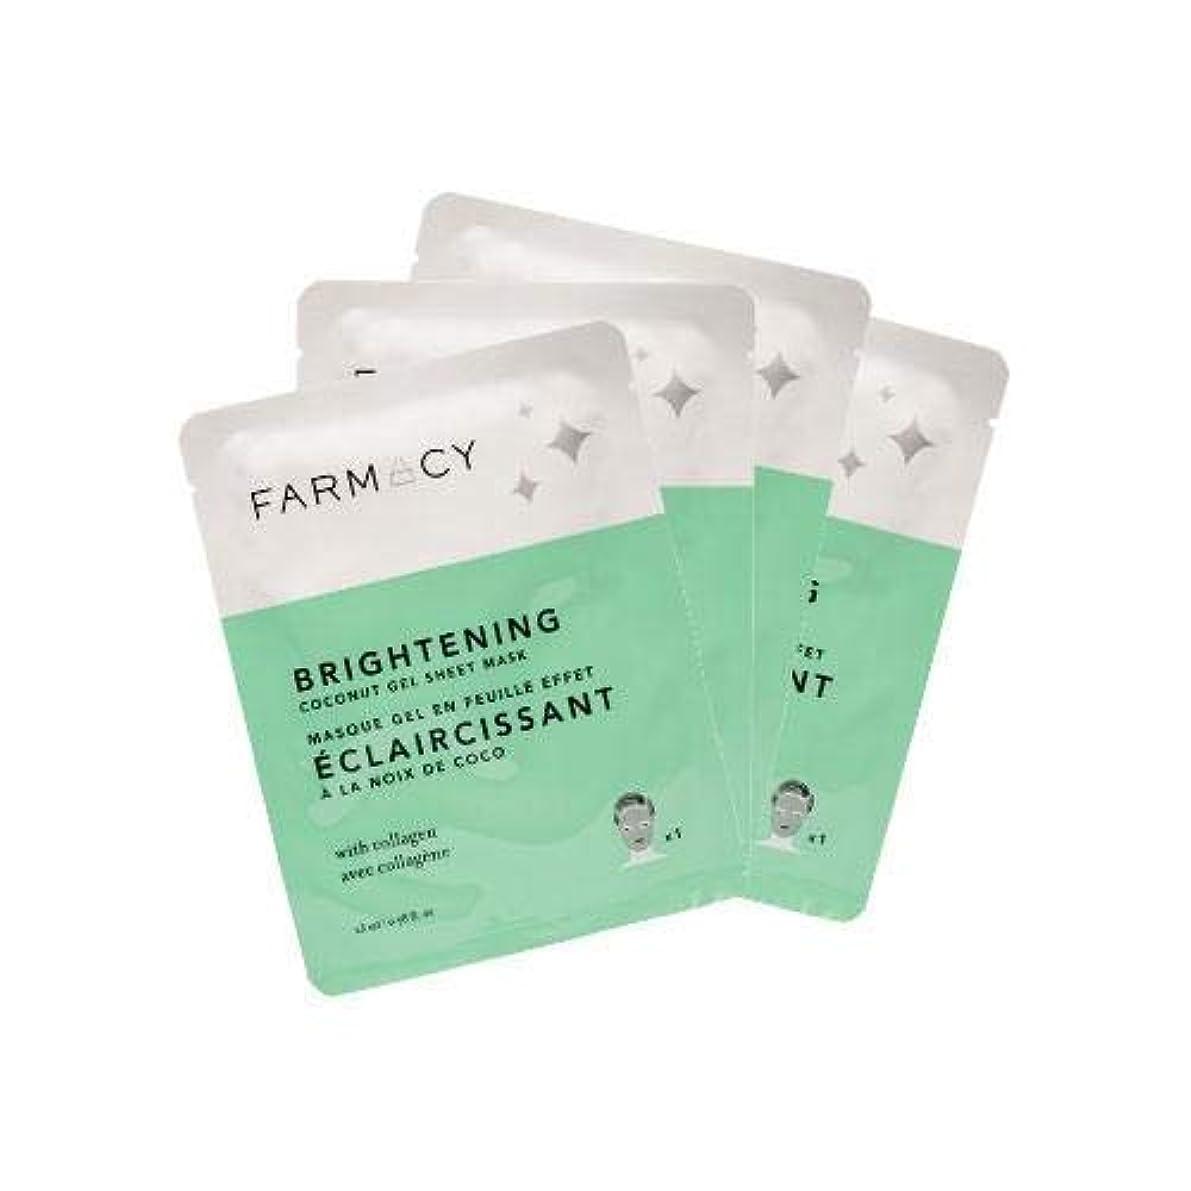 非常にチーズ詳細なファーマシー Farmacy ブライトニングシートマスク 4枚セット ココナッツジェル シートマスク パック